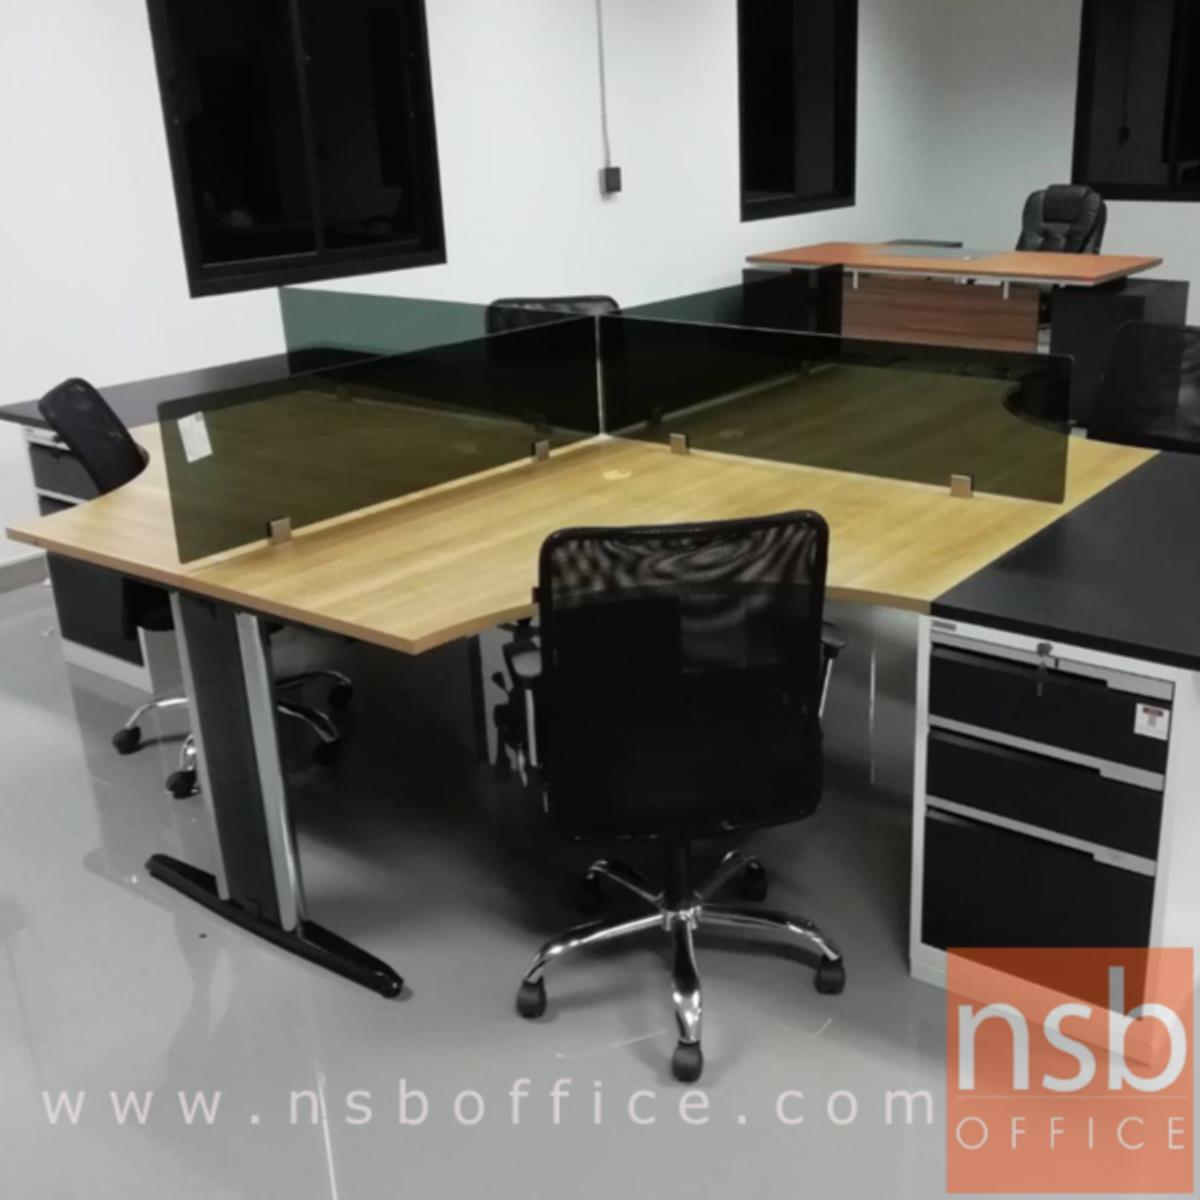 ชุดโต๊ะทำงานกลุ่ม 4 ที่นั่ง  รุ่น TY-WS034G ขนาด 360W cm. พร้อมมินิสกรีนกระจกและตู้ 3 ลิ้นชักเหล็ก